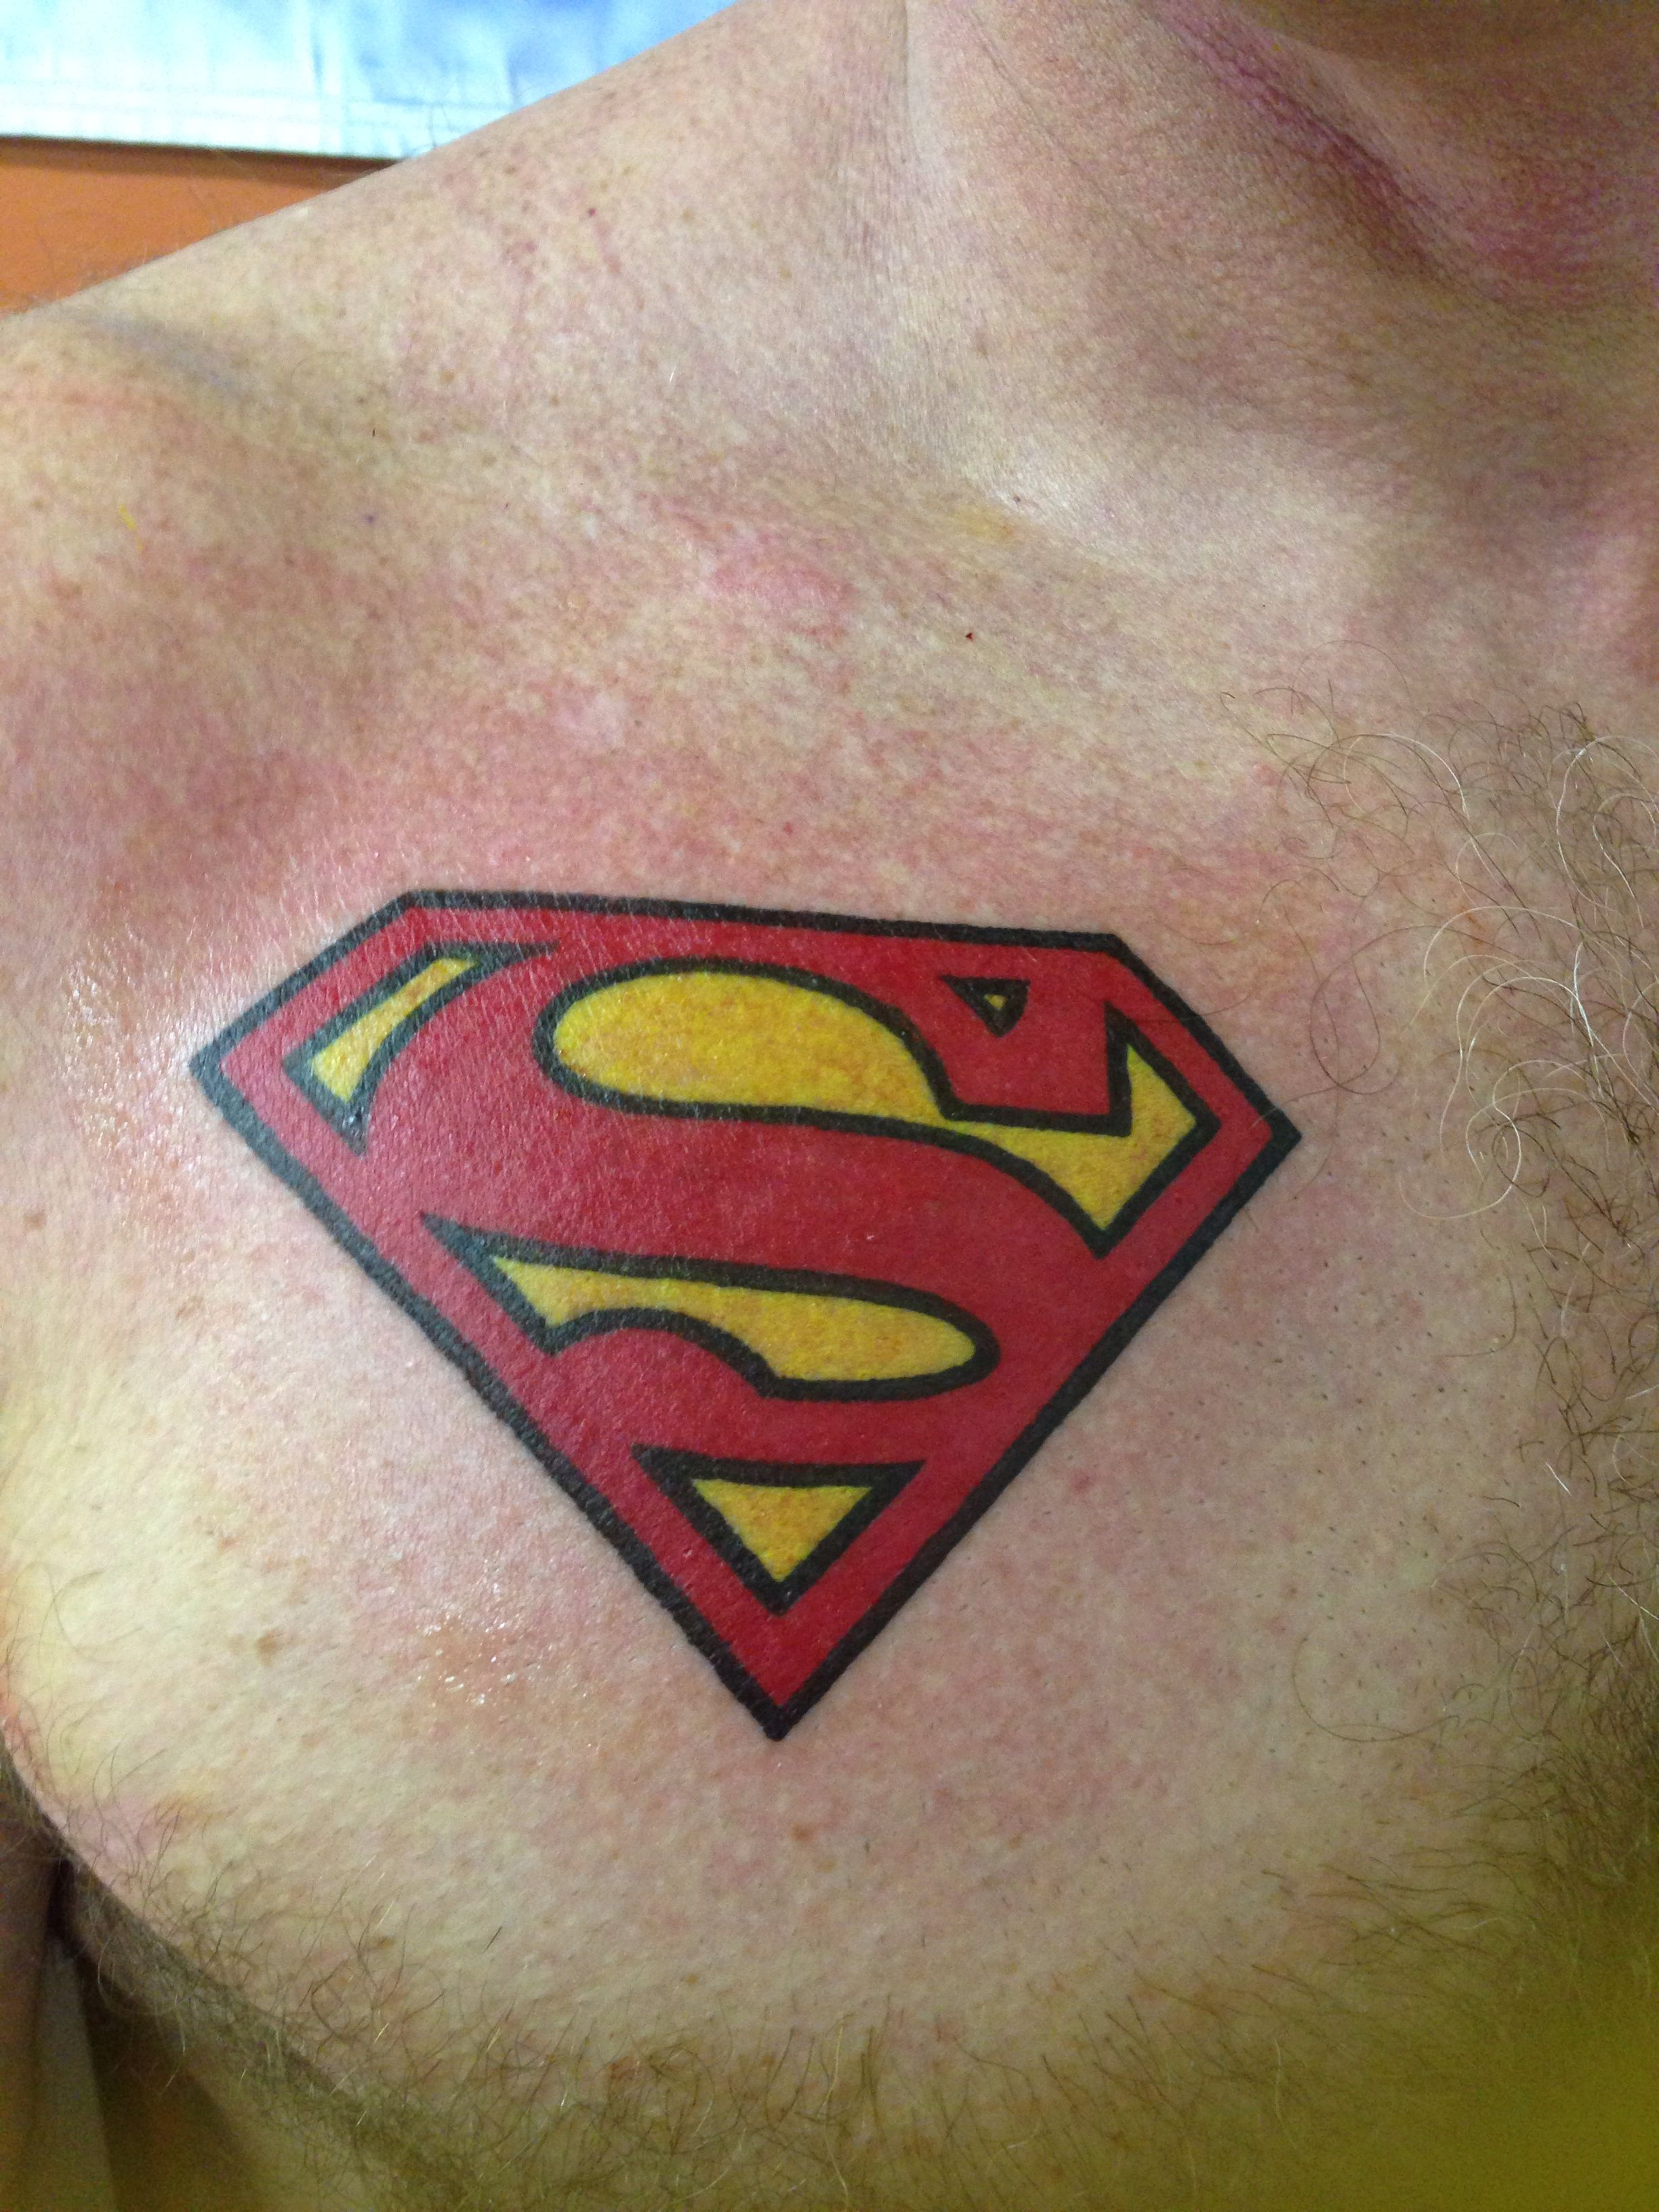 New Superman Tattoo By Dusty Miller Superman Tattoos Tattoos Best 3d Tattoos